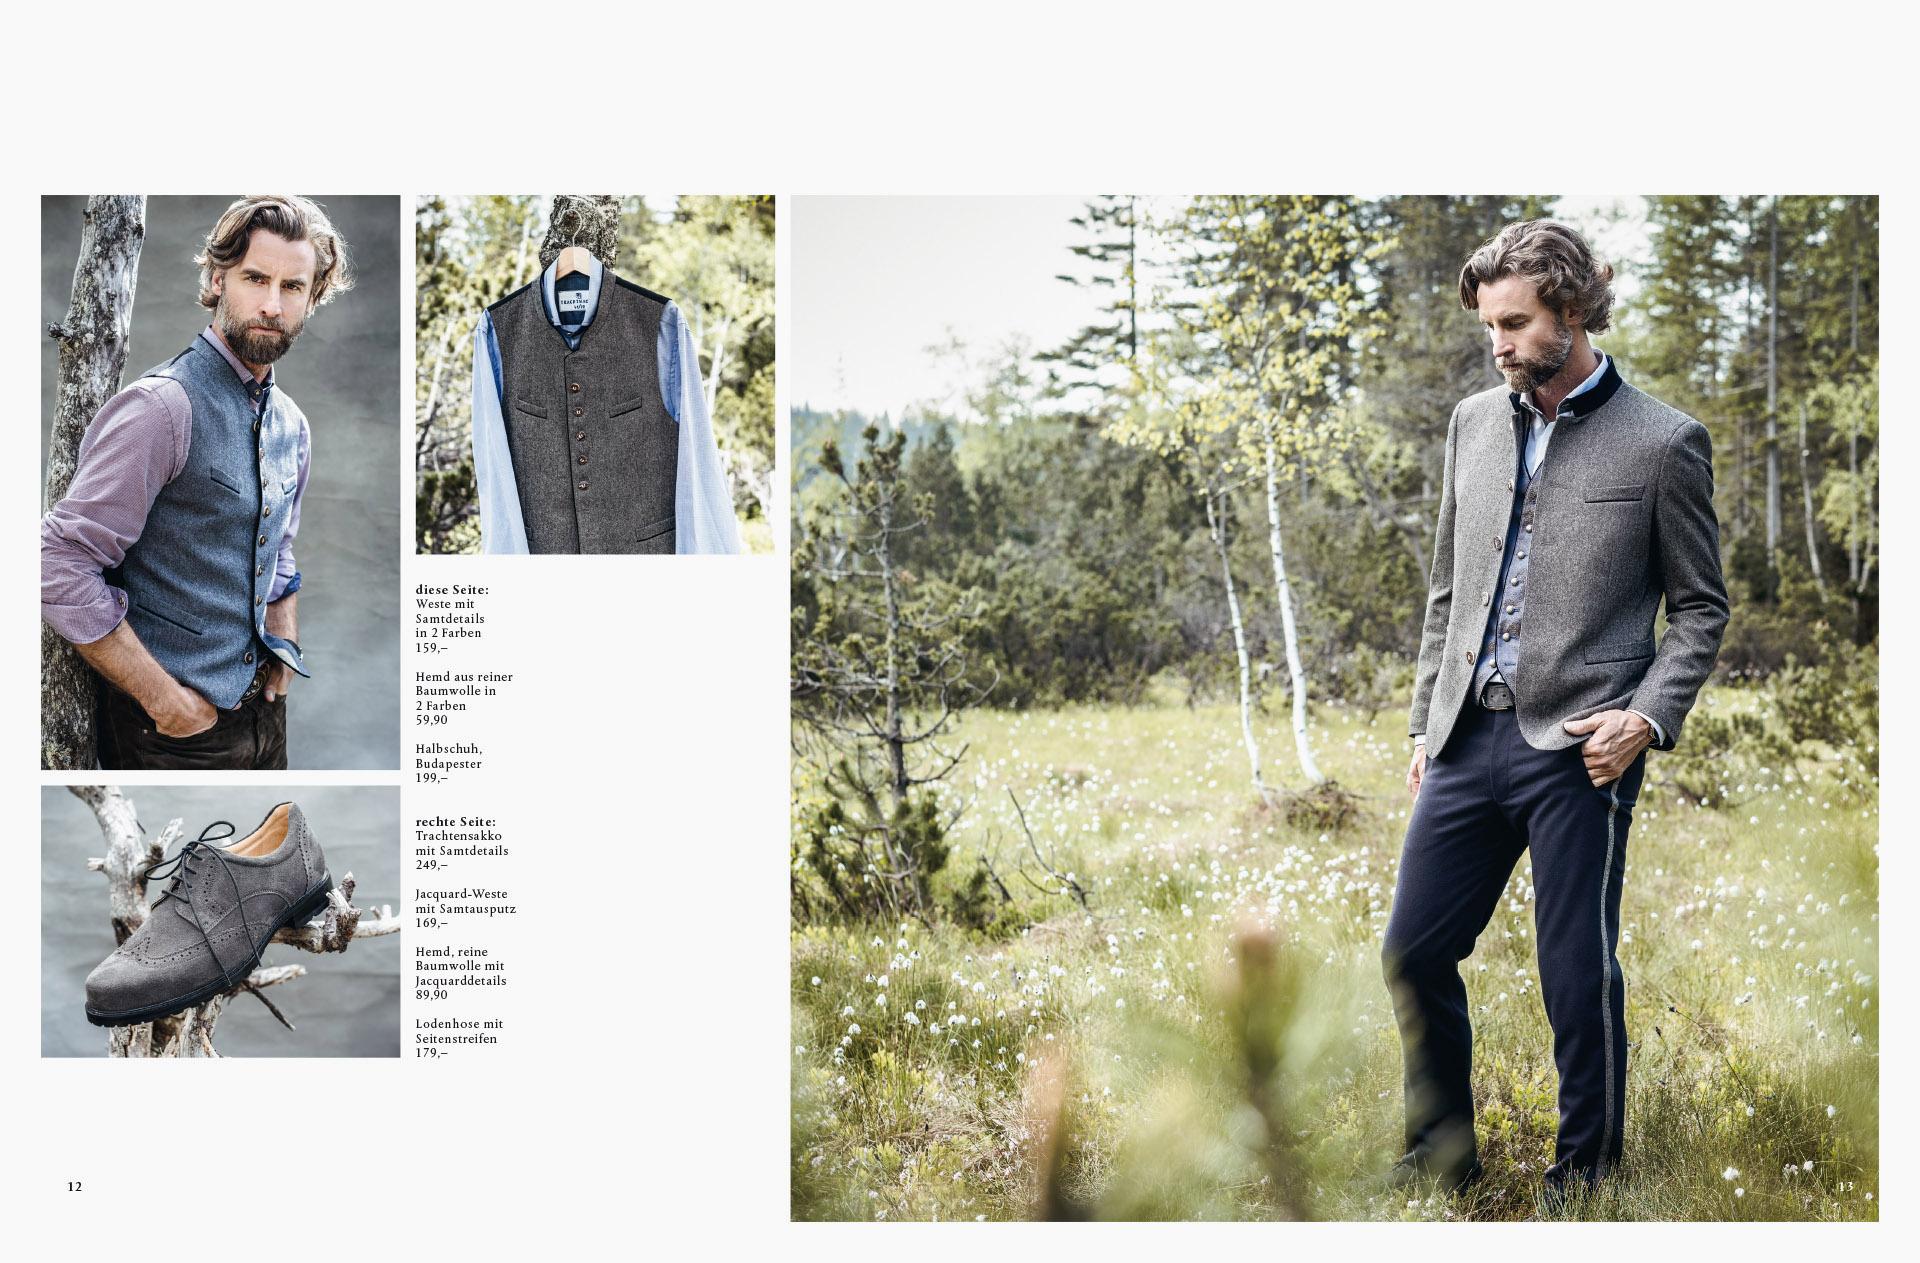 Fotowerk Modefotografie - von der Jacke bis zum Schuh alles dabei